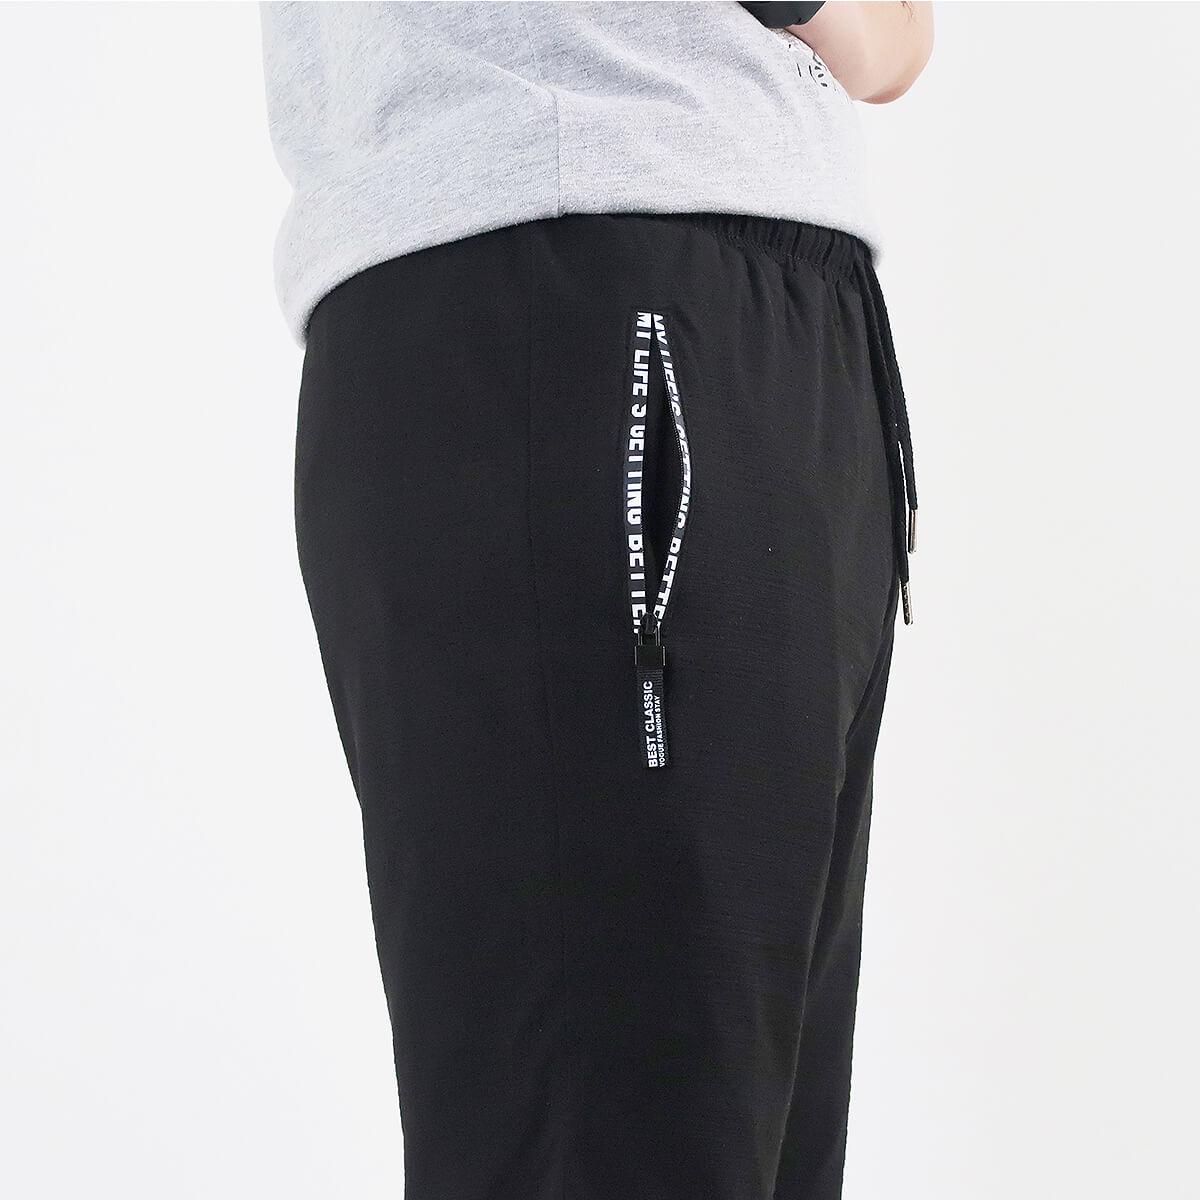 輕薄運動短褲 涼爽棉質短褲 台灣製運動褲 彈性短褲 休閒短褲 全腰圍鬆緊帶 Mens Sweat Shorts Mens Sport Shorts Short Pants (310-1806-21)黑色、(310-1806-22)灰色 L XL(腰圍71~97公分  28~38英吋) 男 [實體店面保障] sun-e 7